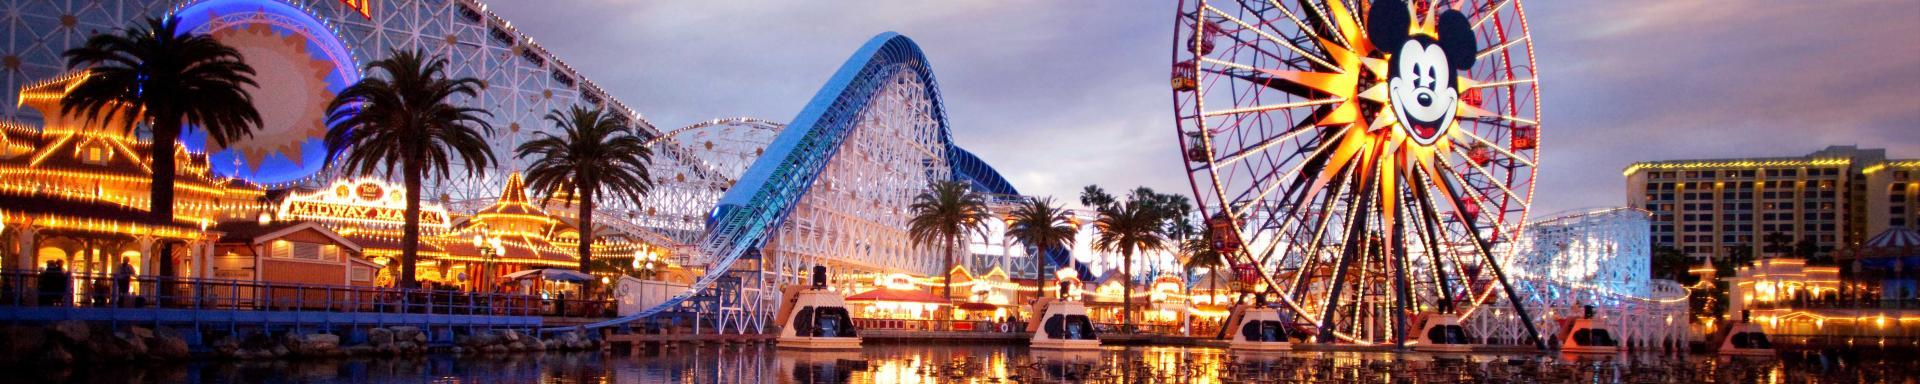 Disneyland California - Sparen Sie bis zu 20%